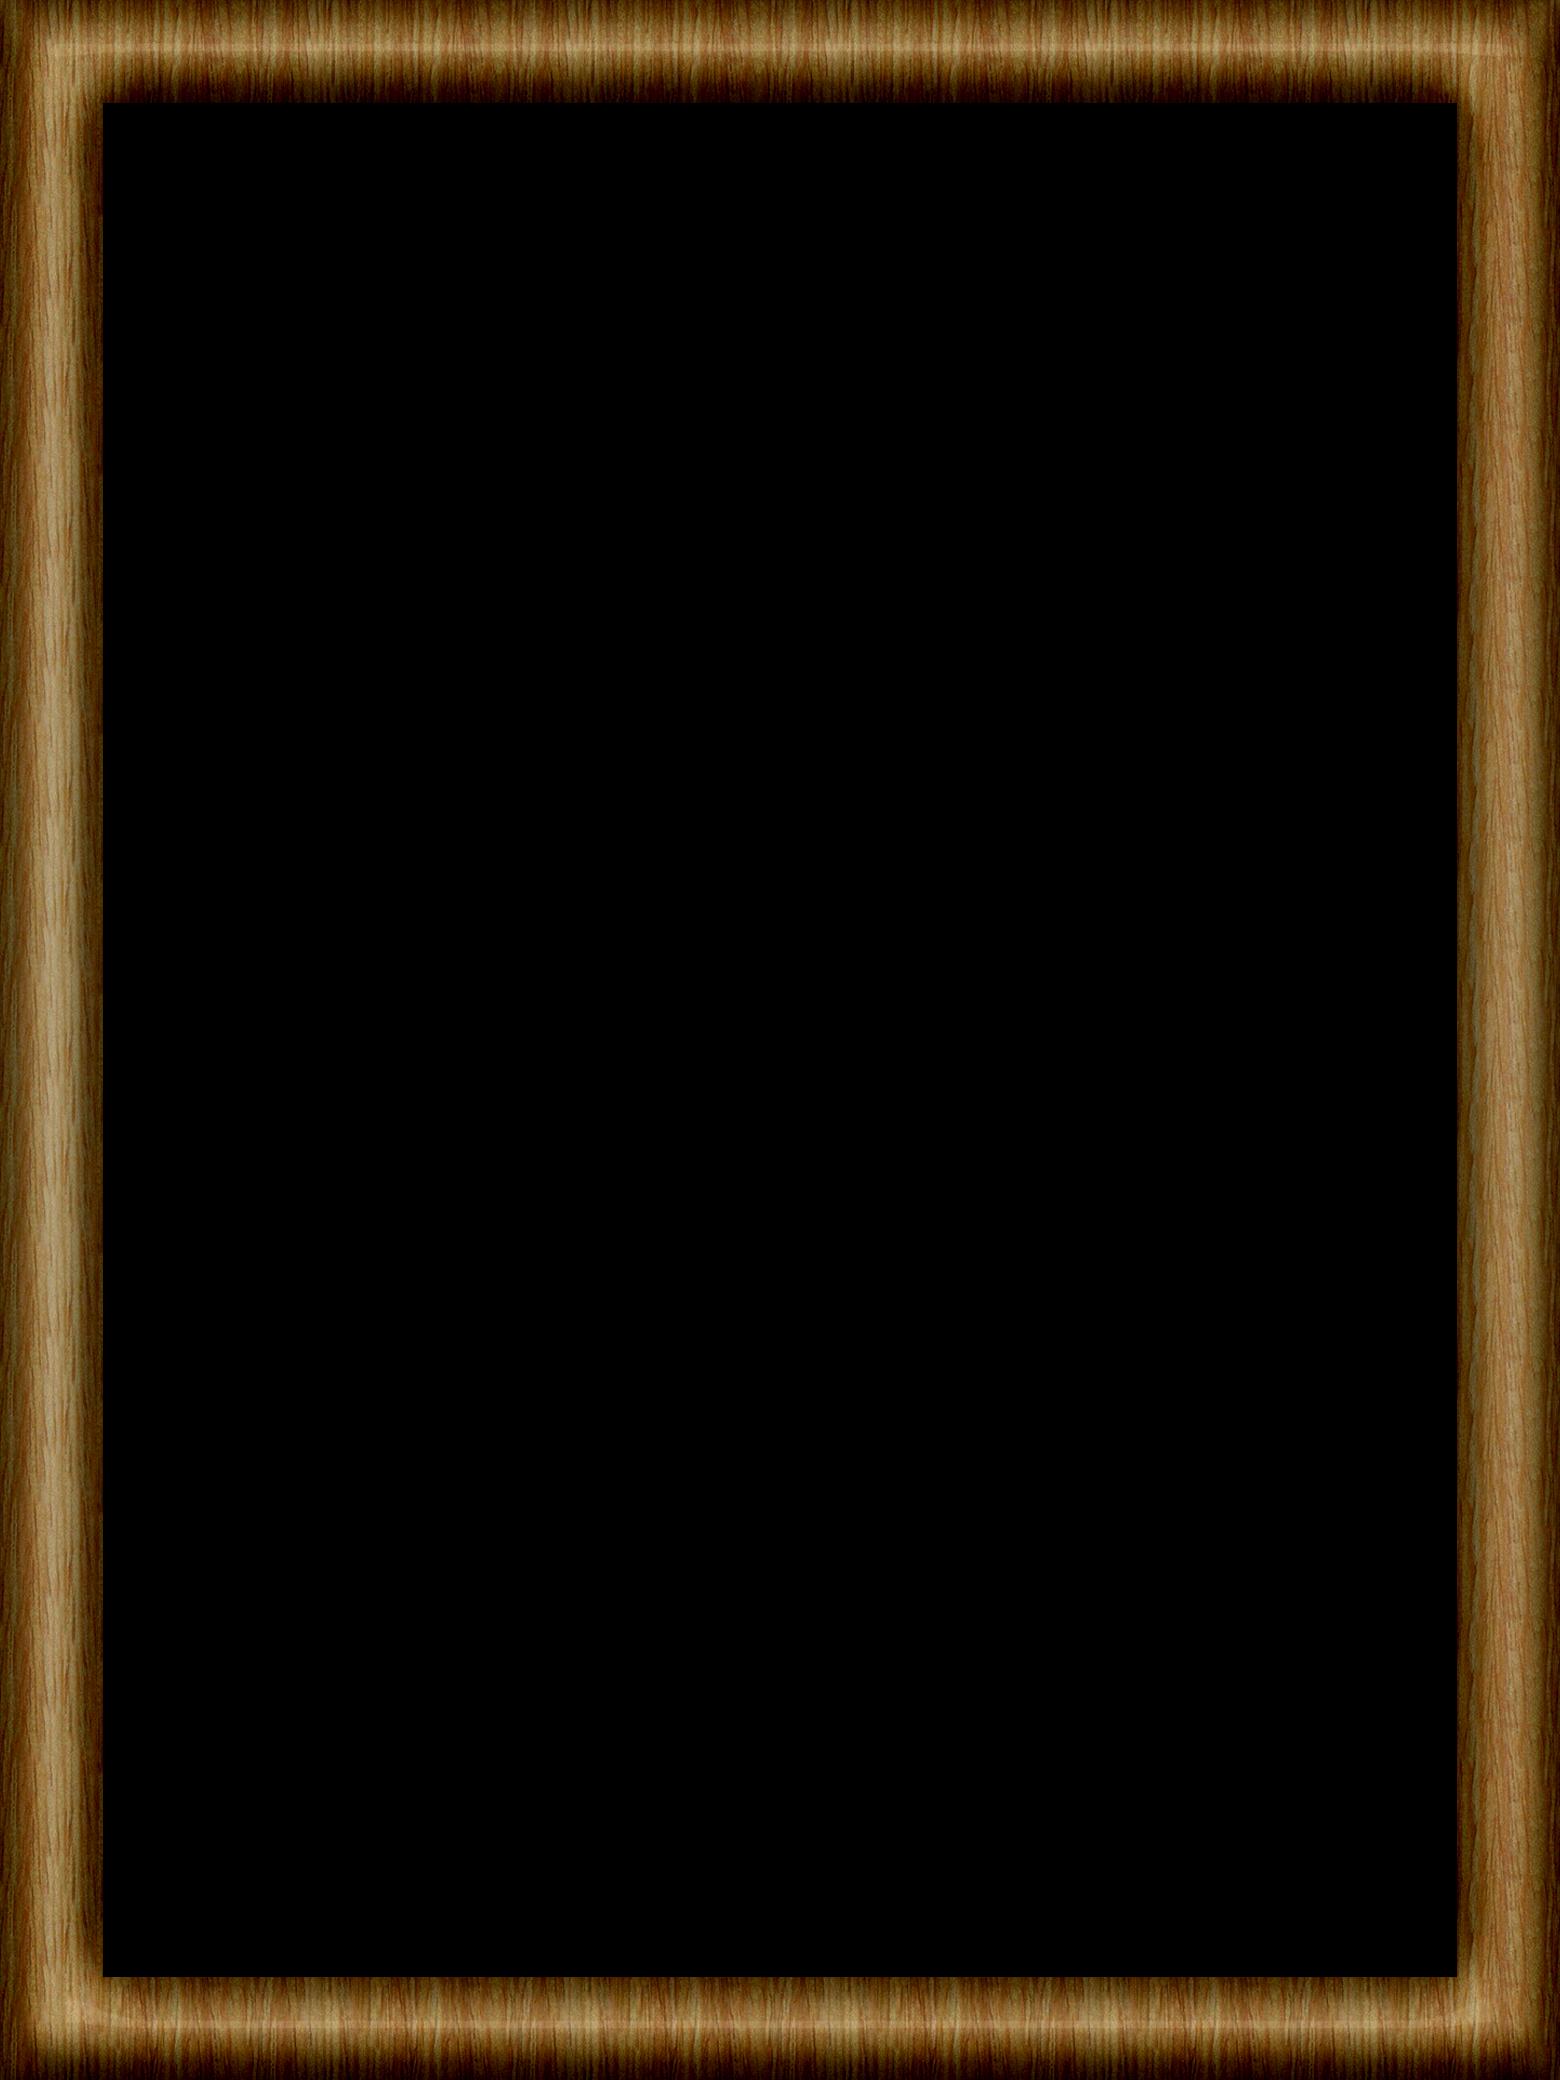 frame-2492148